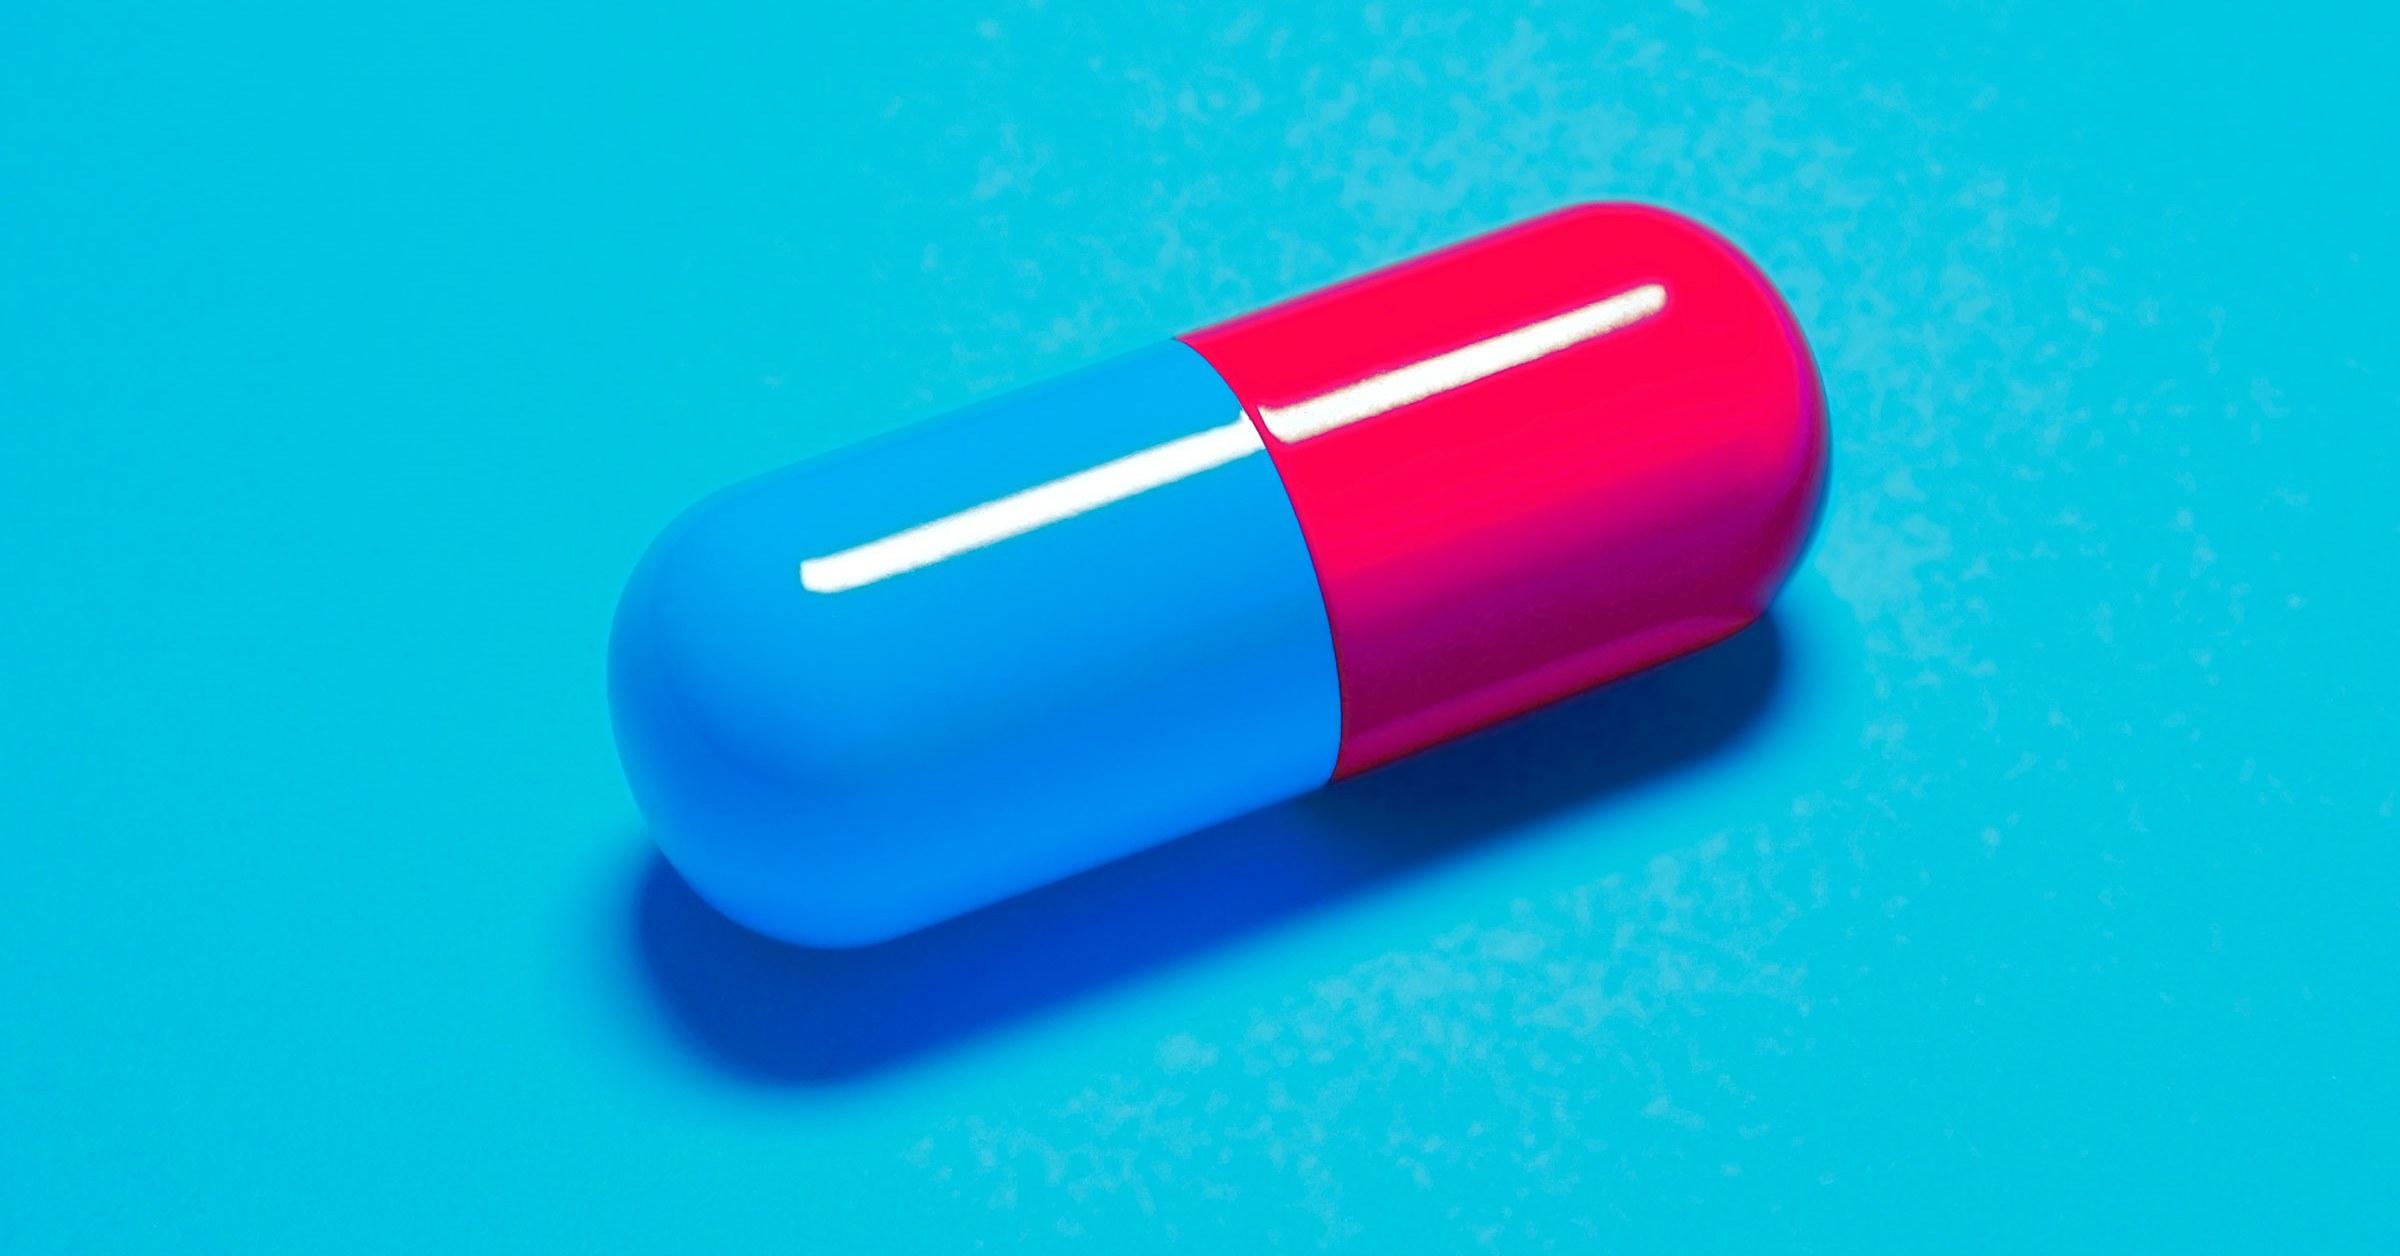 يختلف ألم النساء عن الرجال – المخدرات قد تكون كبيرة جدًا